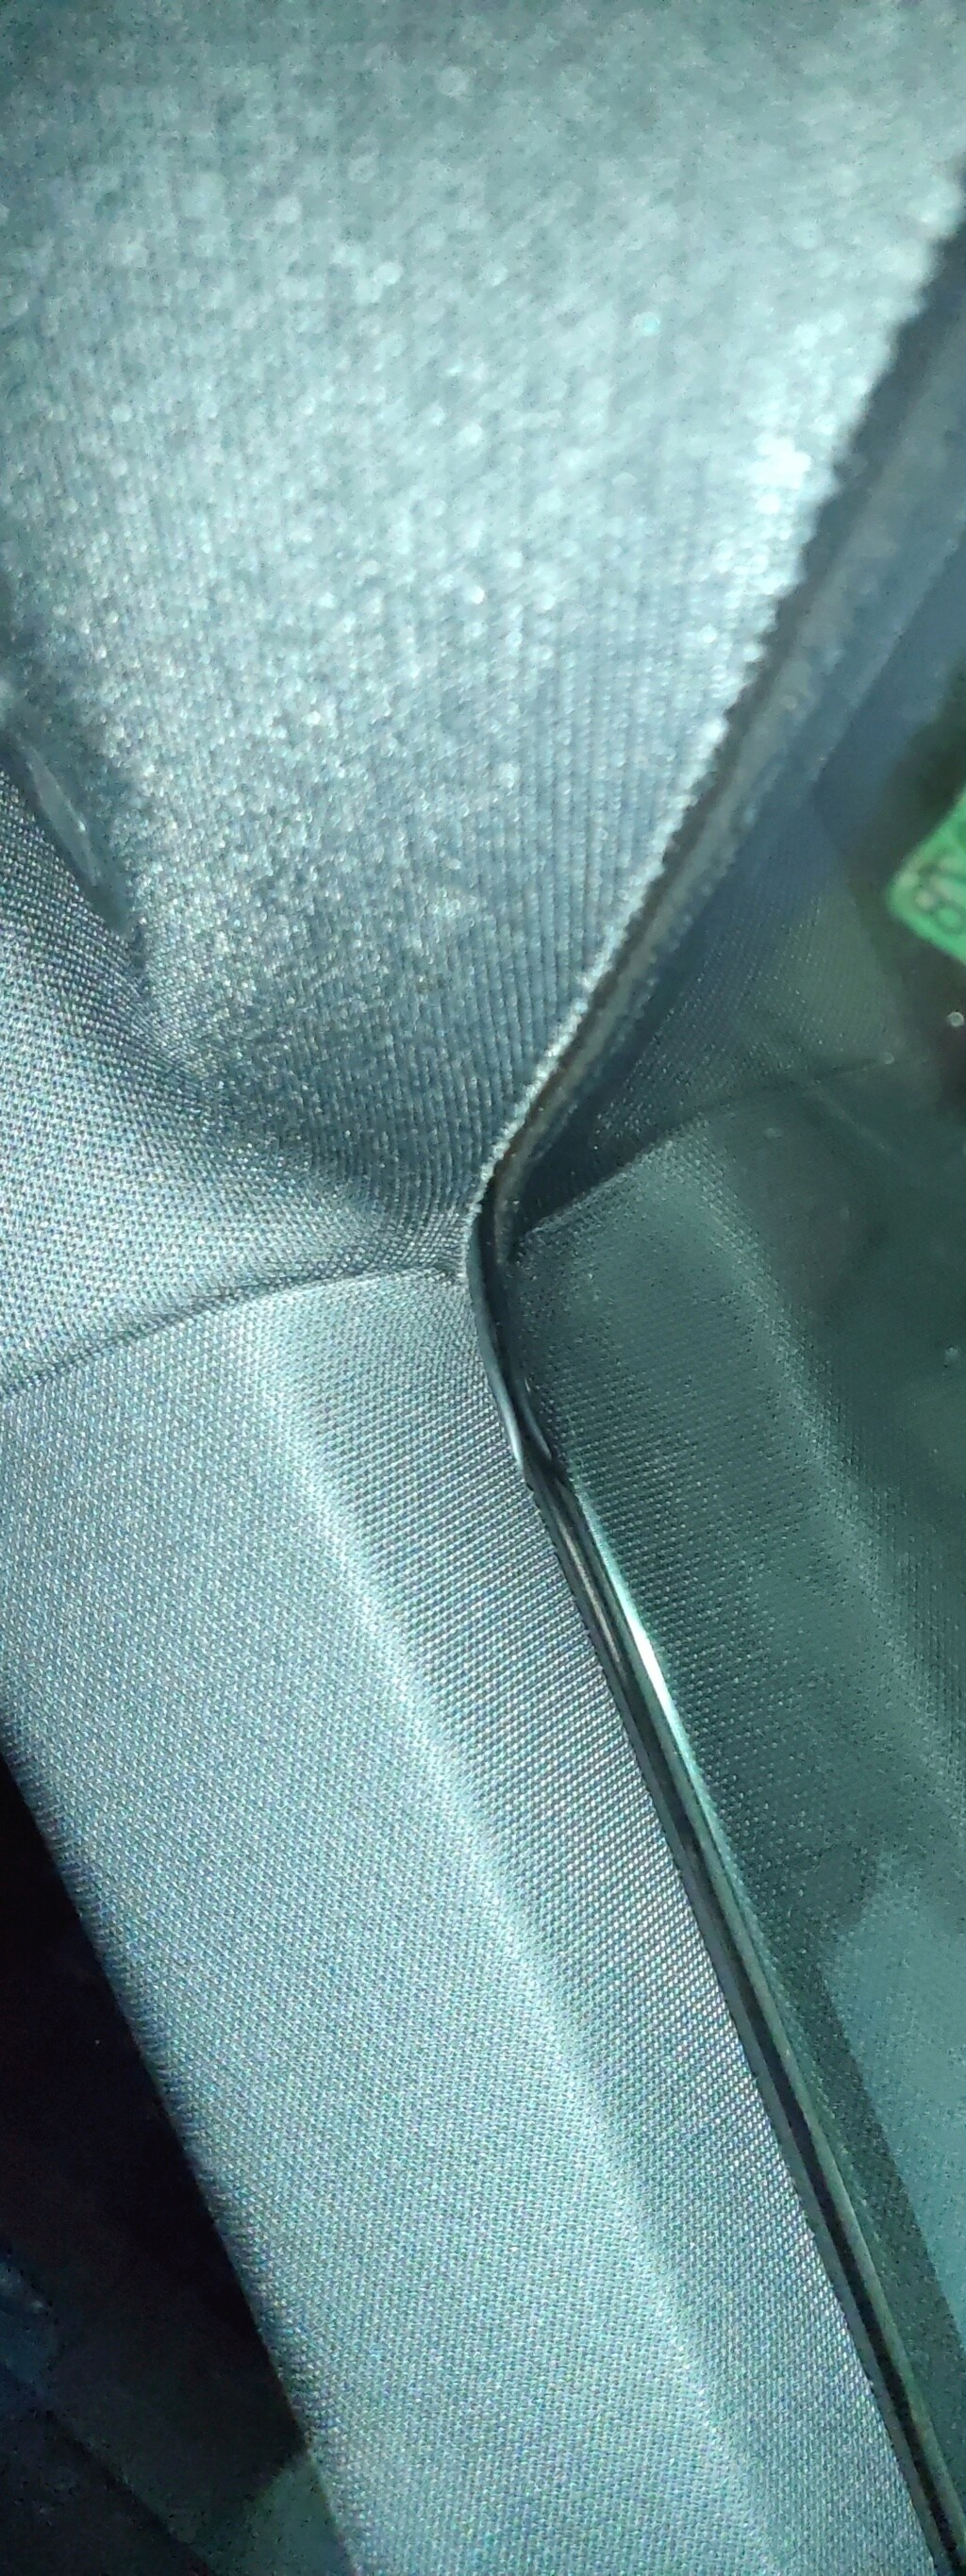 alguien sabe desmontar los plasticos que hay en el retrovisor delantero interior para Instalar cámara delantera que grabe (pregunta) Img_2035